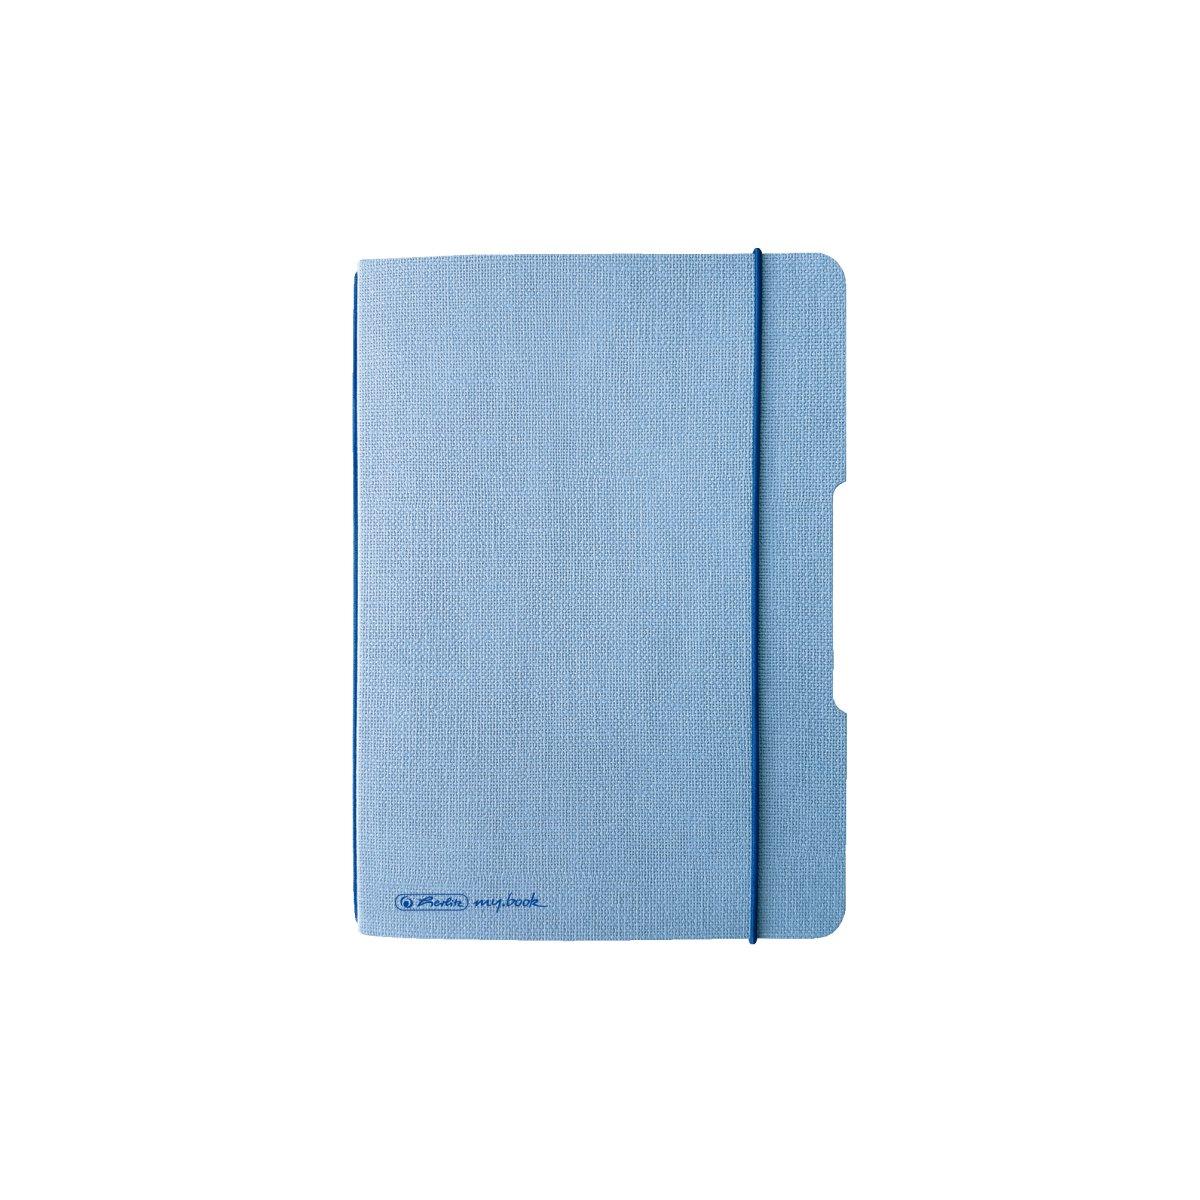 Vorschau: Herlitz 50033737 - Einfarbig - Blau - A6 - 40 Blätter - Erwachsener